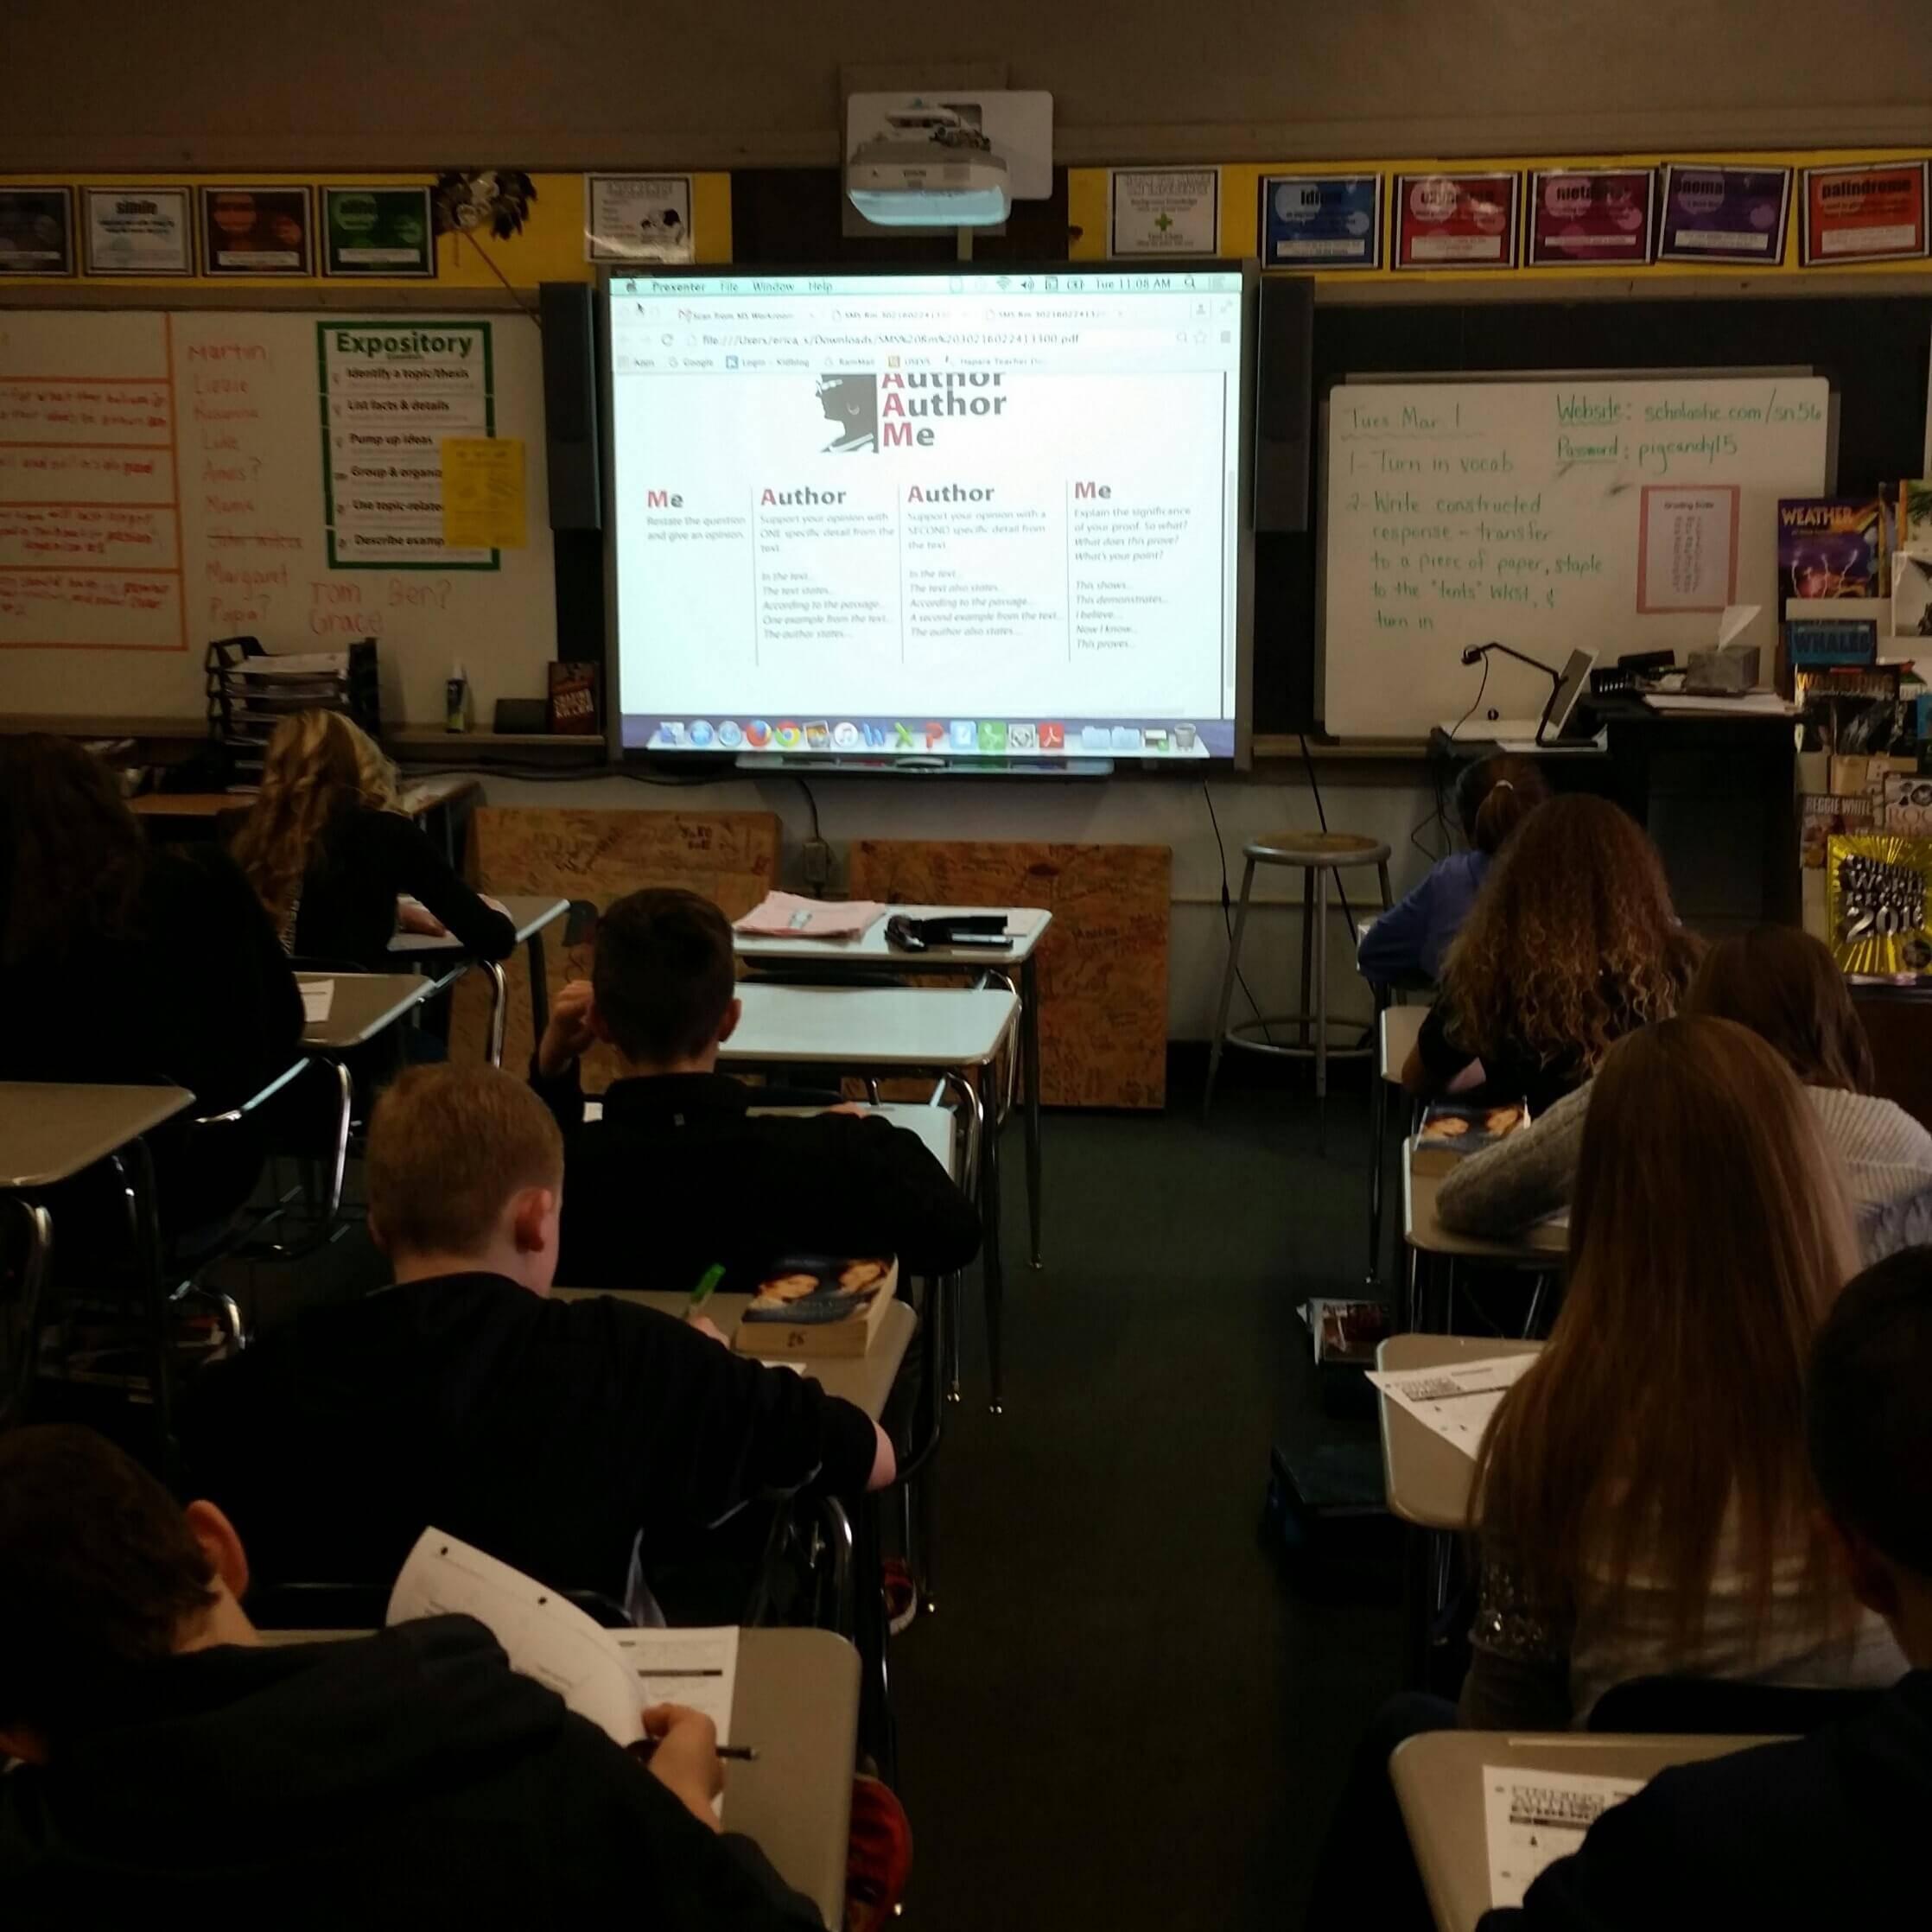 Erica Shadley 8th Classroom: Yes, MA'AM